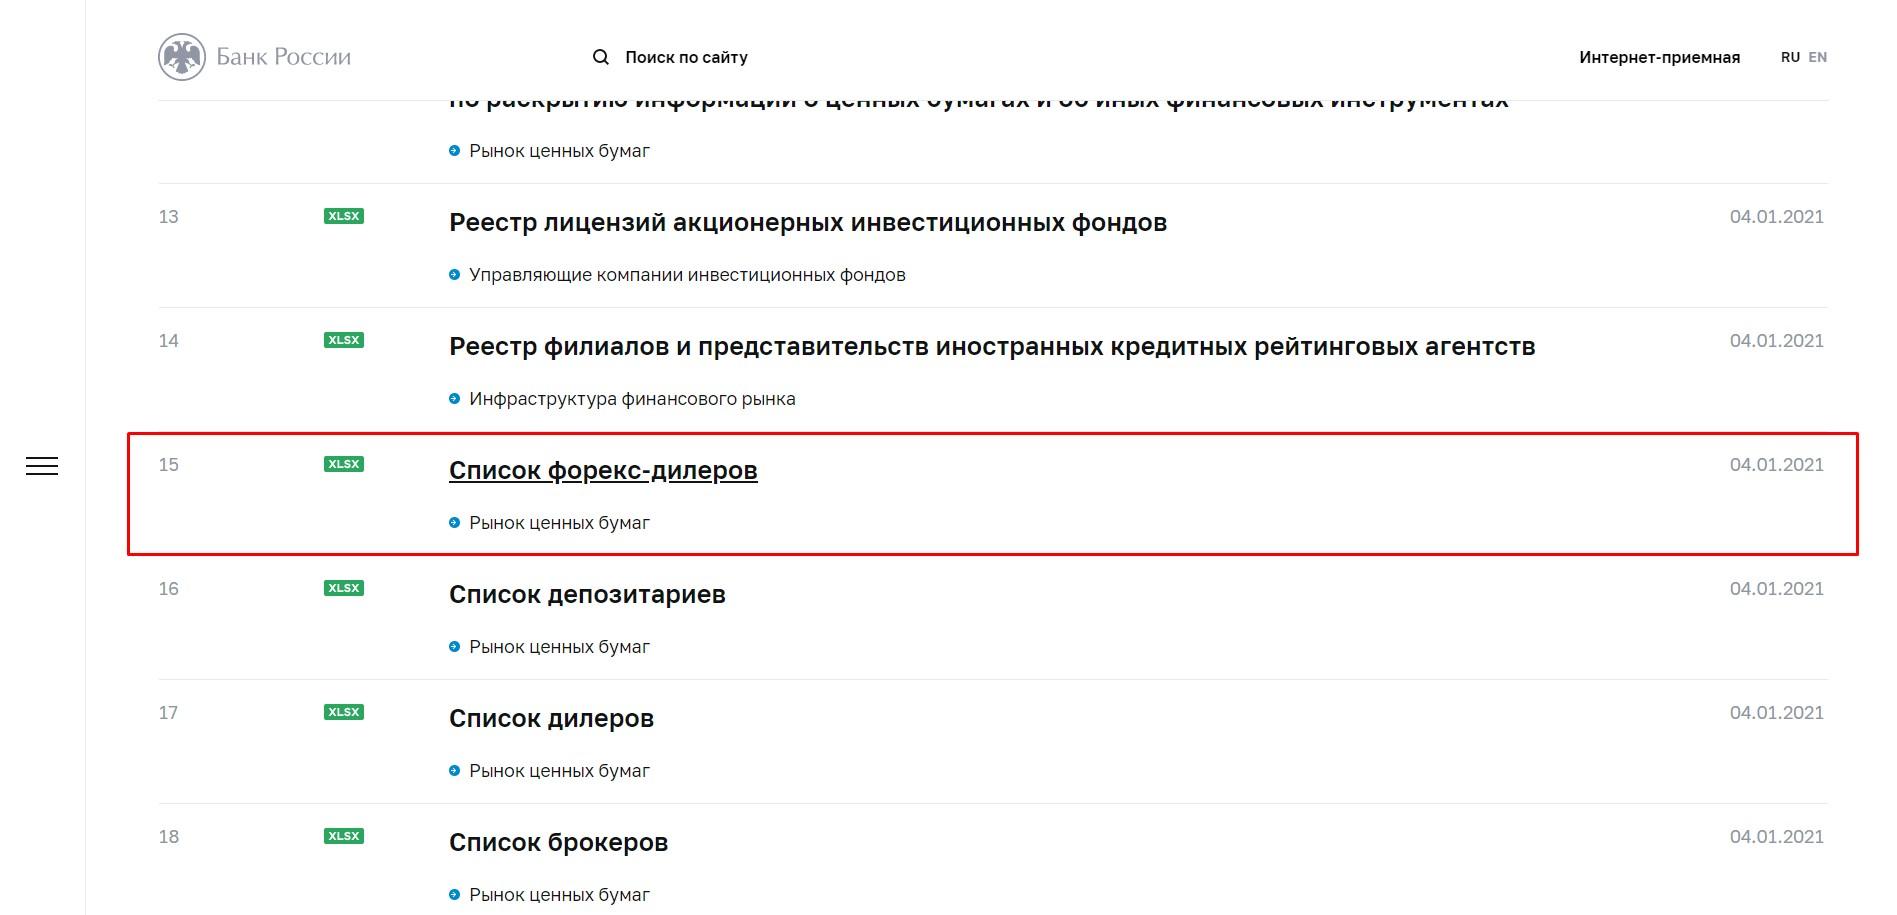 брокеры с лицензией ЦБ РФ